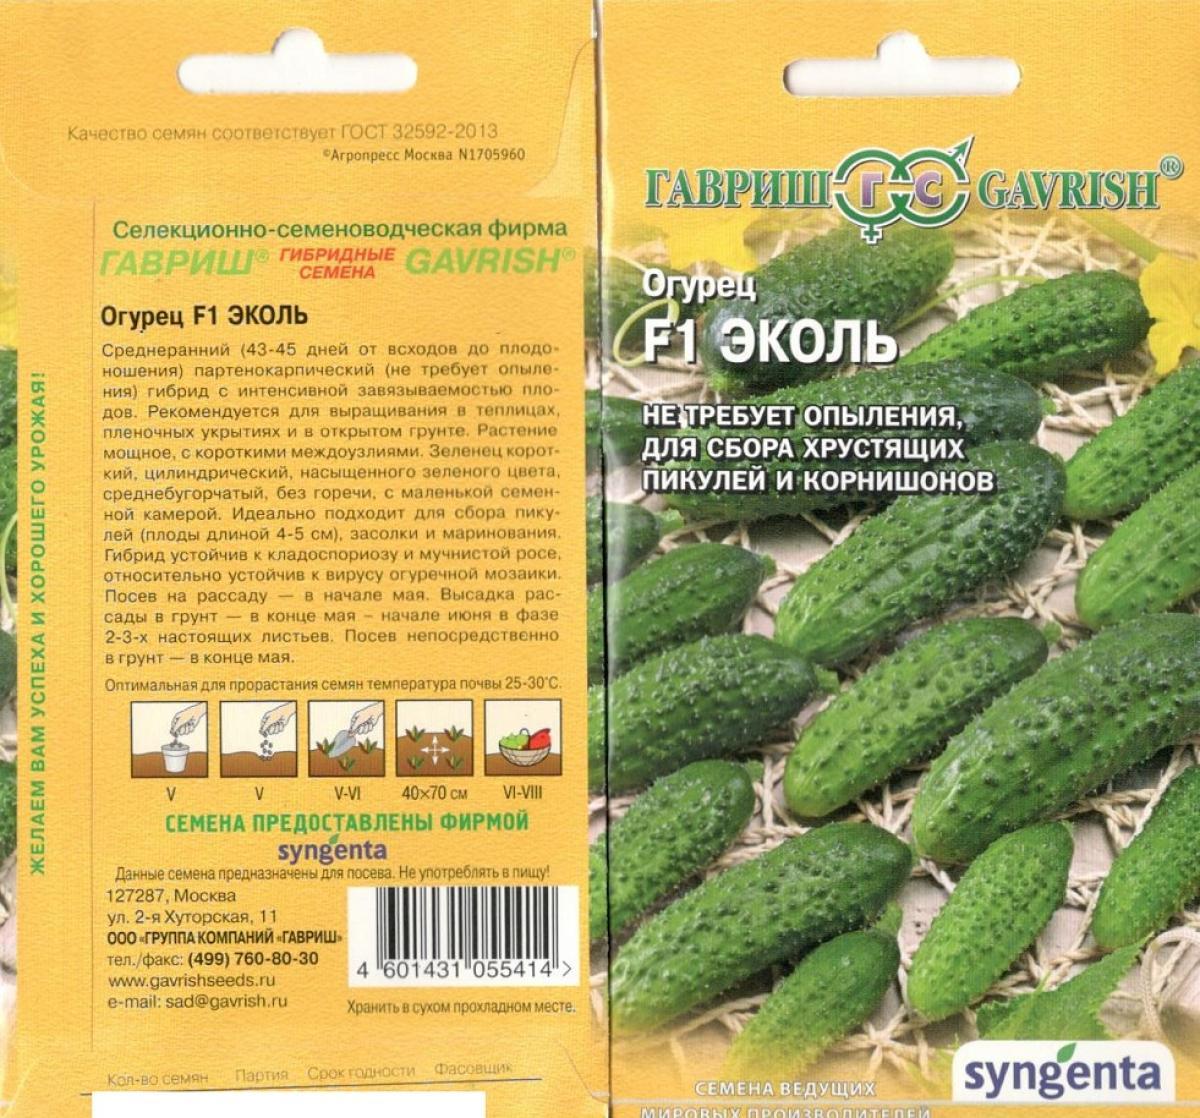 Огурцы эколь f1: характеристика и описание сорта, фото, отзывы